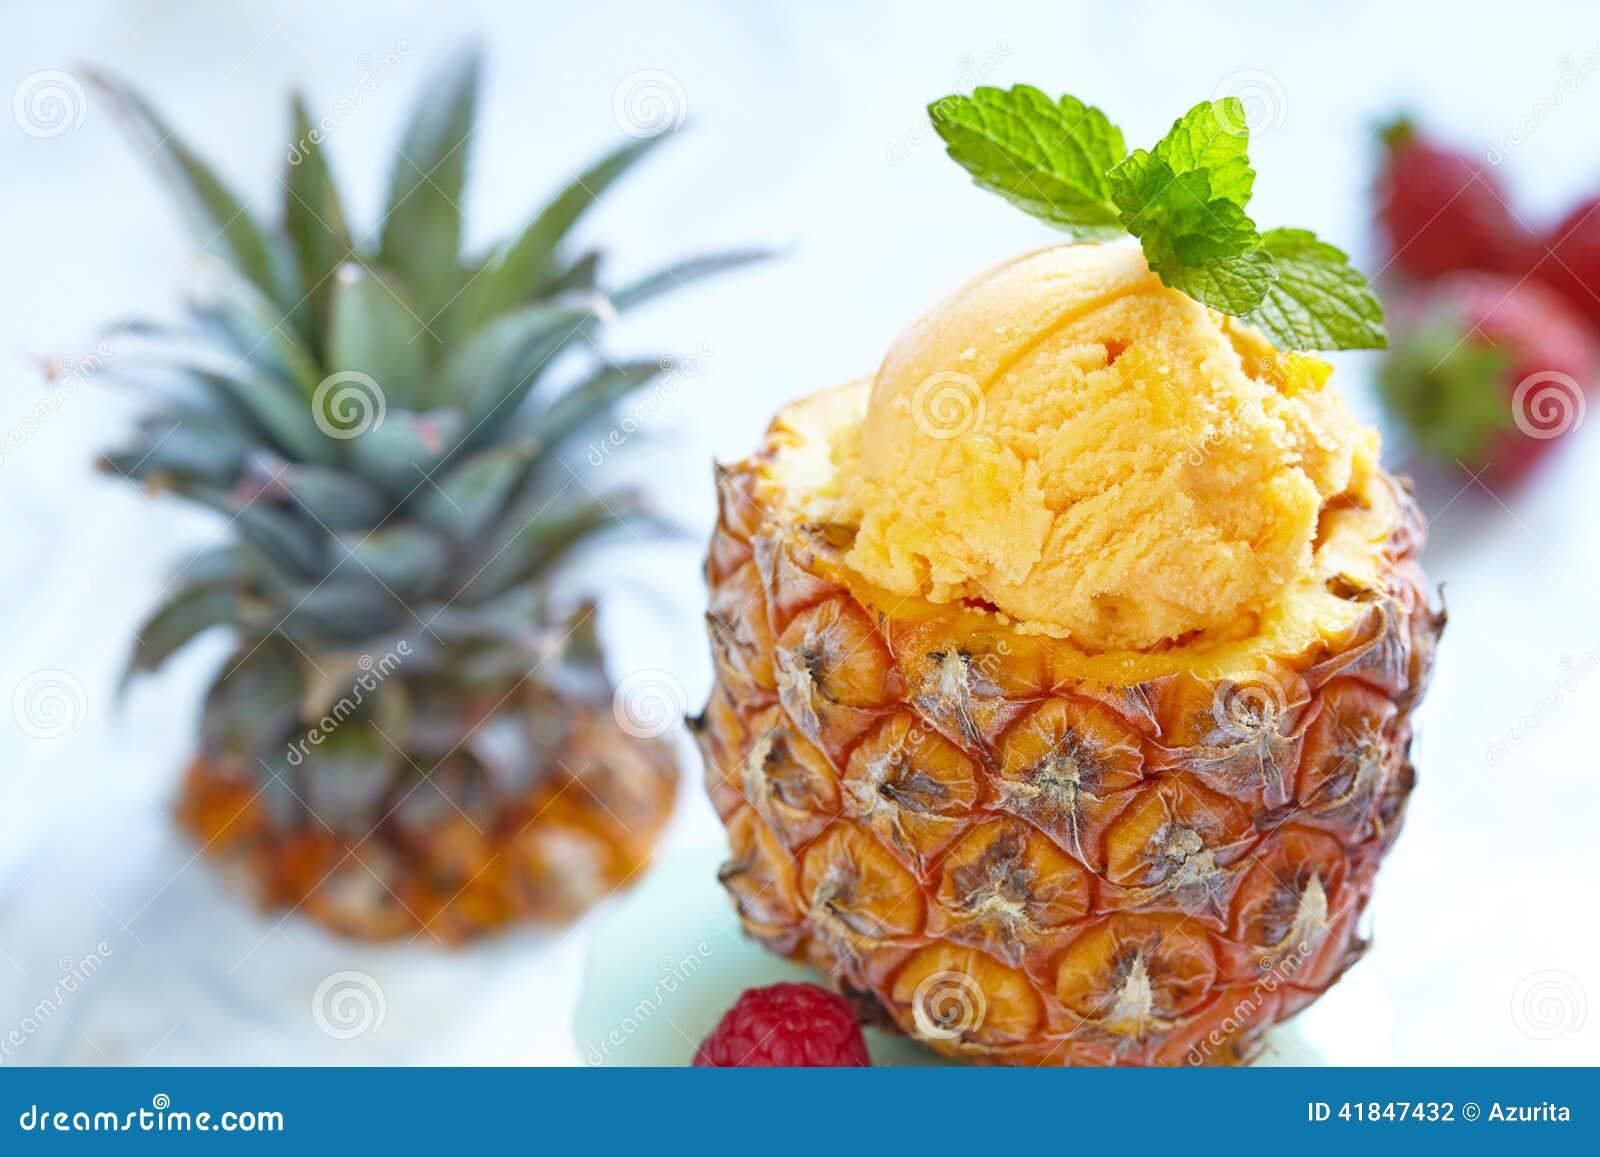 frozen berry ice cream